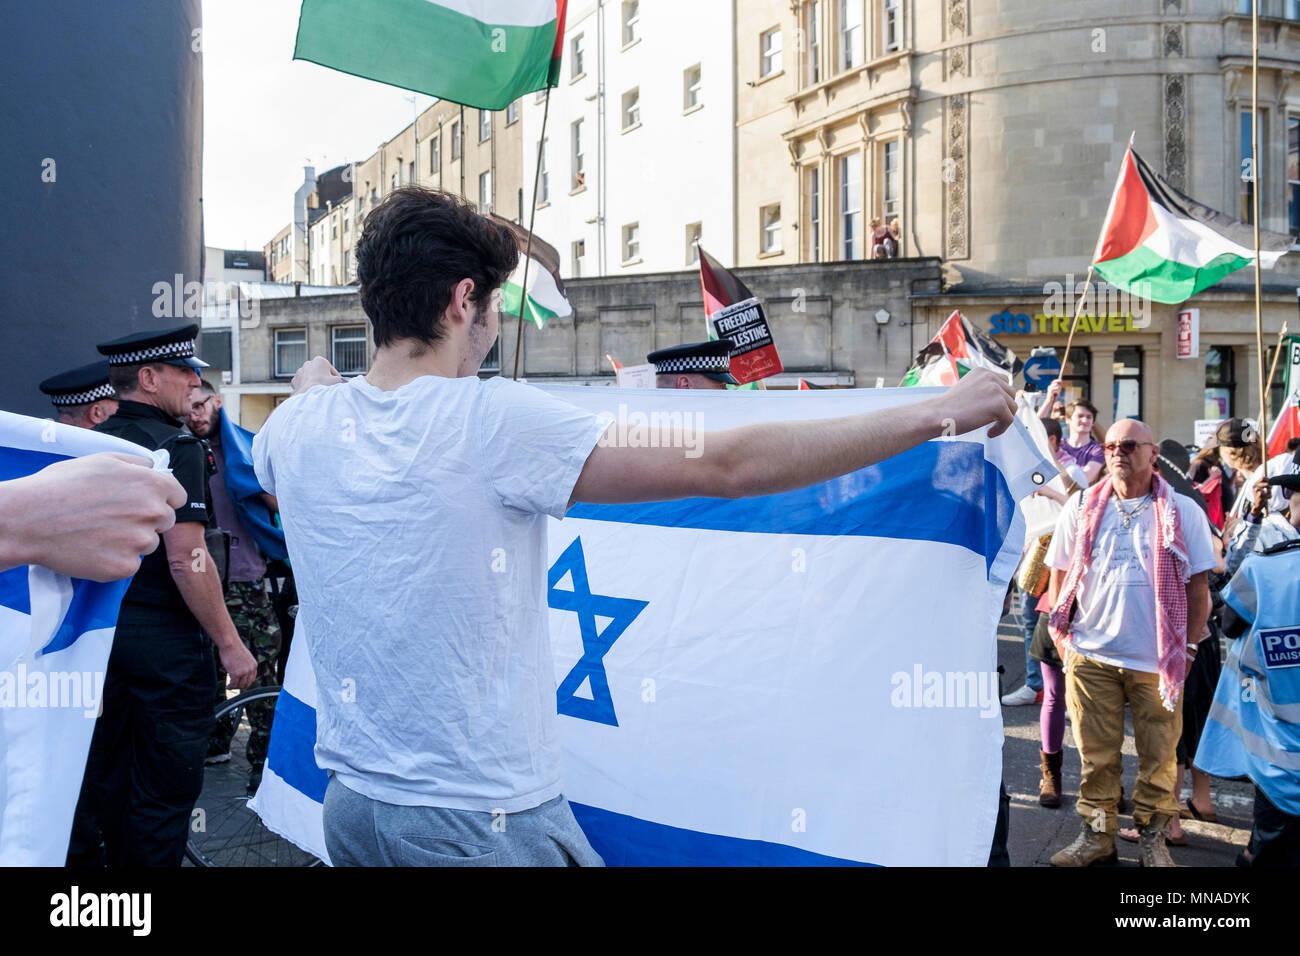 Bristol, UK. 15 Mai, 2018. Eine kleine Gruppe von pro-israel Unterstützer der israelischen Flagge abgebildet, wie Sie Pro-Palestinian Demonstranten, die in einem Protestzug durch Bristol ihre Solidarität mit dem palästinensischen Volk zu zeigen. Der Demonstrationszug und Kundgebung statt, die es den Menschen ermöglichen, ihre Unterstützung und Solidarität mit dem palästinensischen Volk zu zeigen, nach 70 Jahren der Nakba und Protest über die jüngsten Aktionen Israels in Gaza Credit: lynchpics/Alamy leben Nachrichten Stockbild